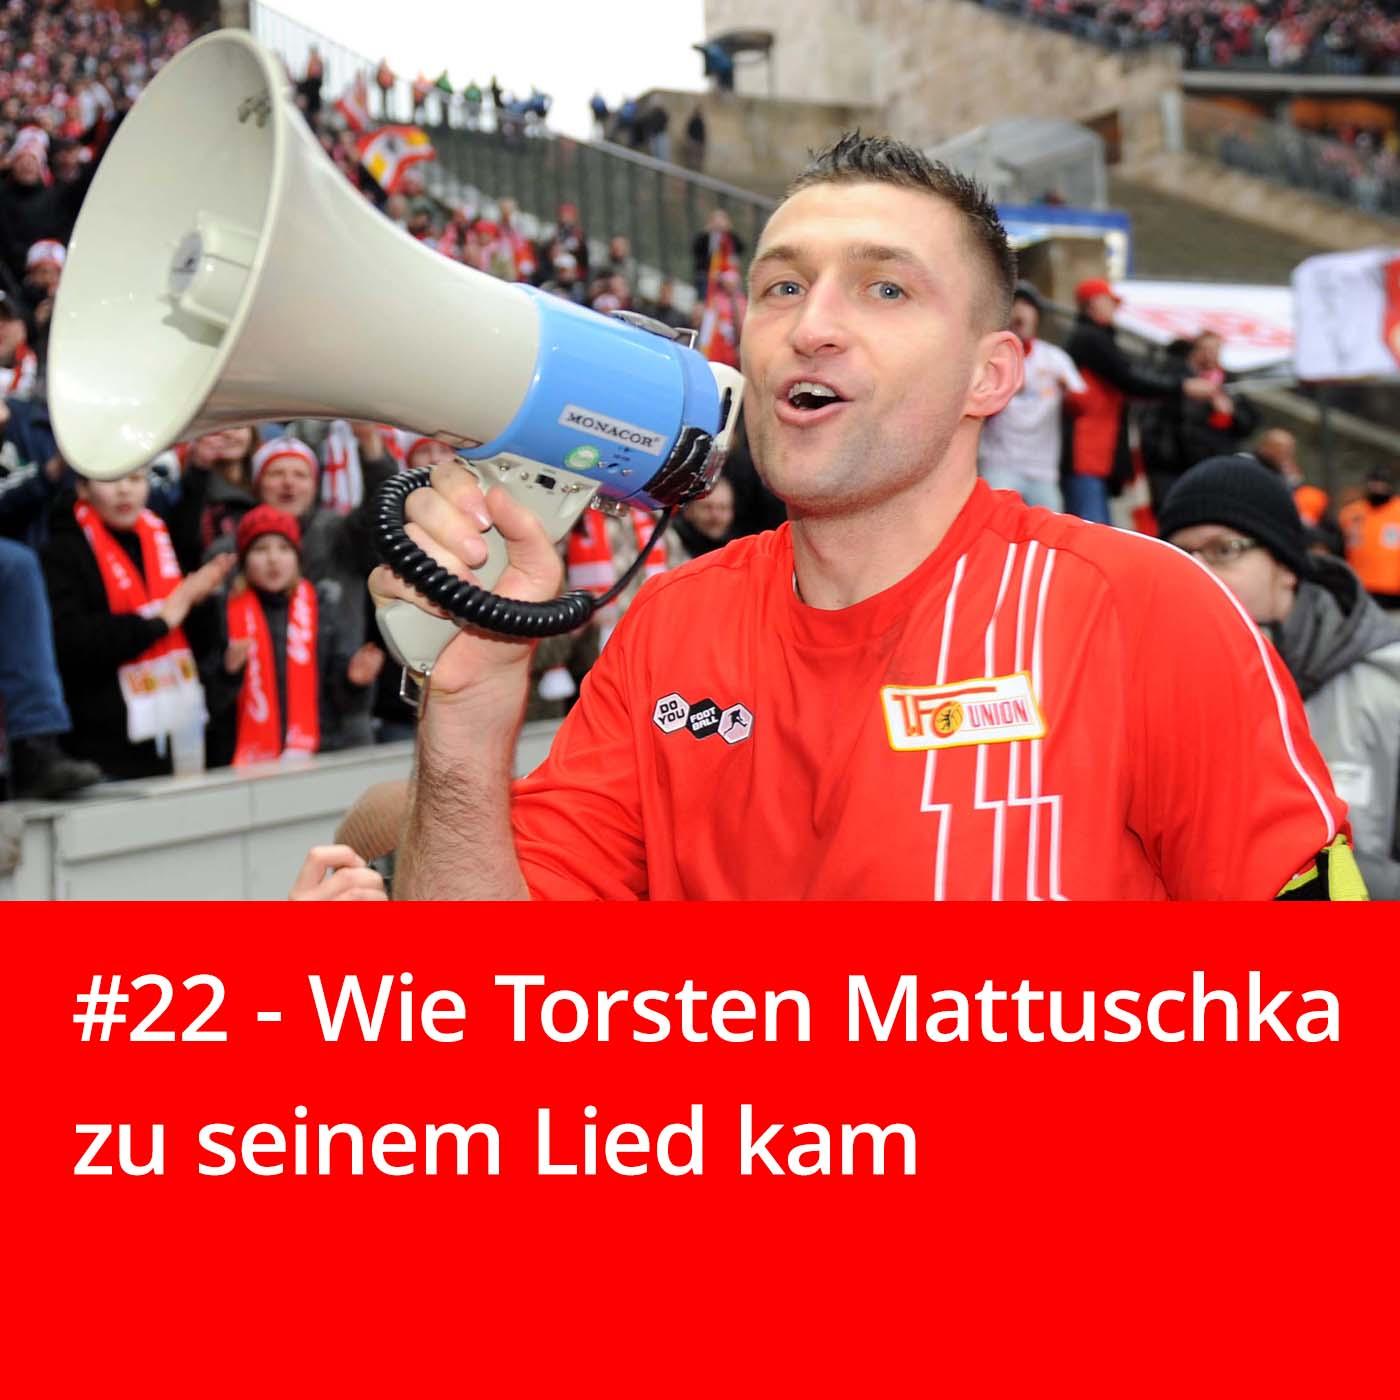 Torsten Mattuschka vom 1. FC Union Berlin nach dem Derby-Sieg 2011 gegen Hertha BSC am Megaphon